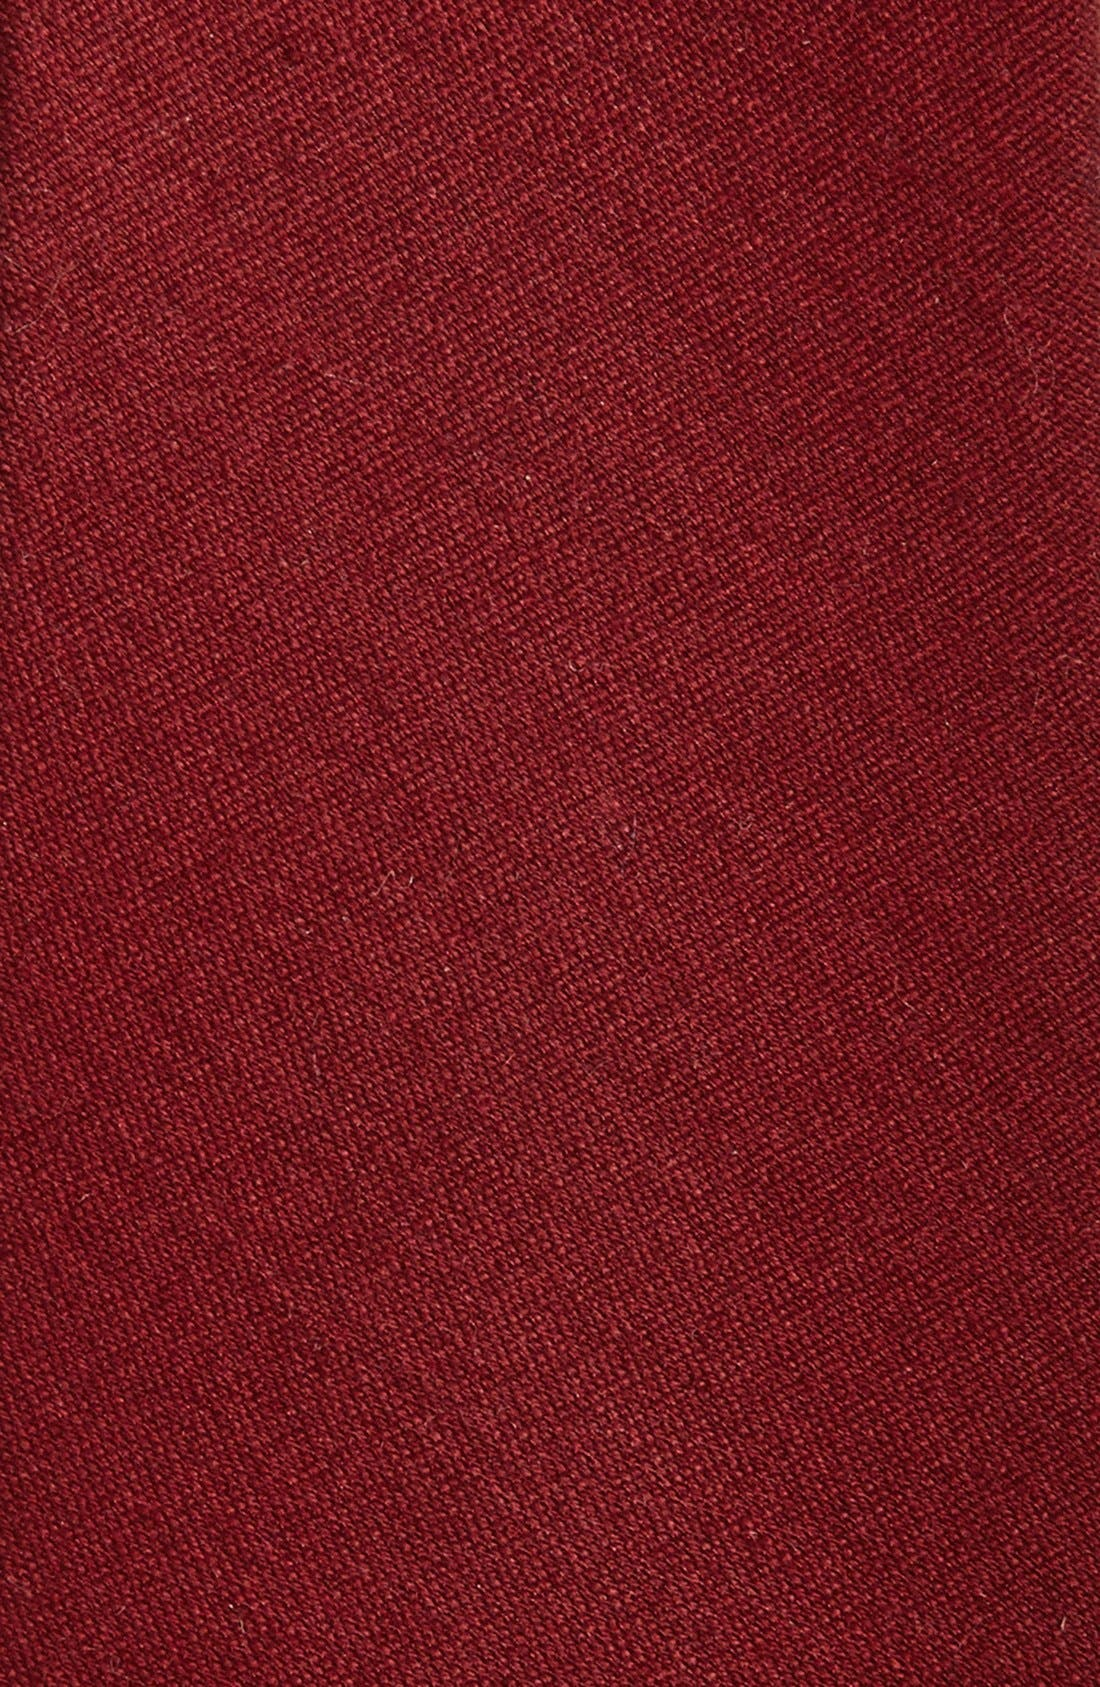 Wool & Silk Solid Tie,                             Alternate thumbnail 2, color,                             BURGUNDY